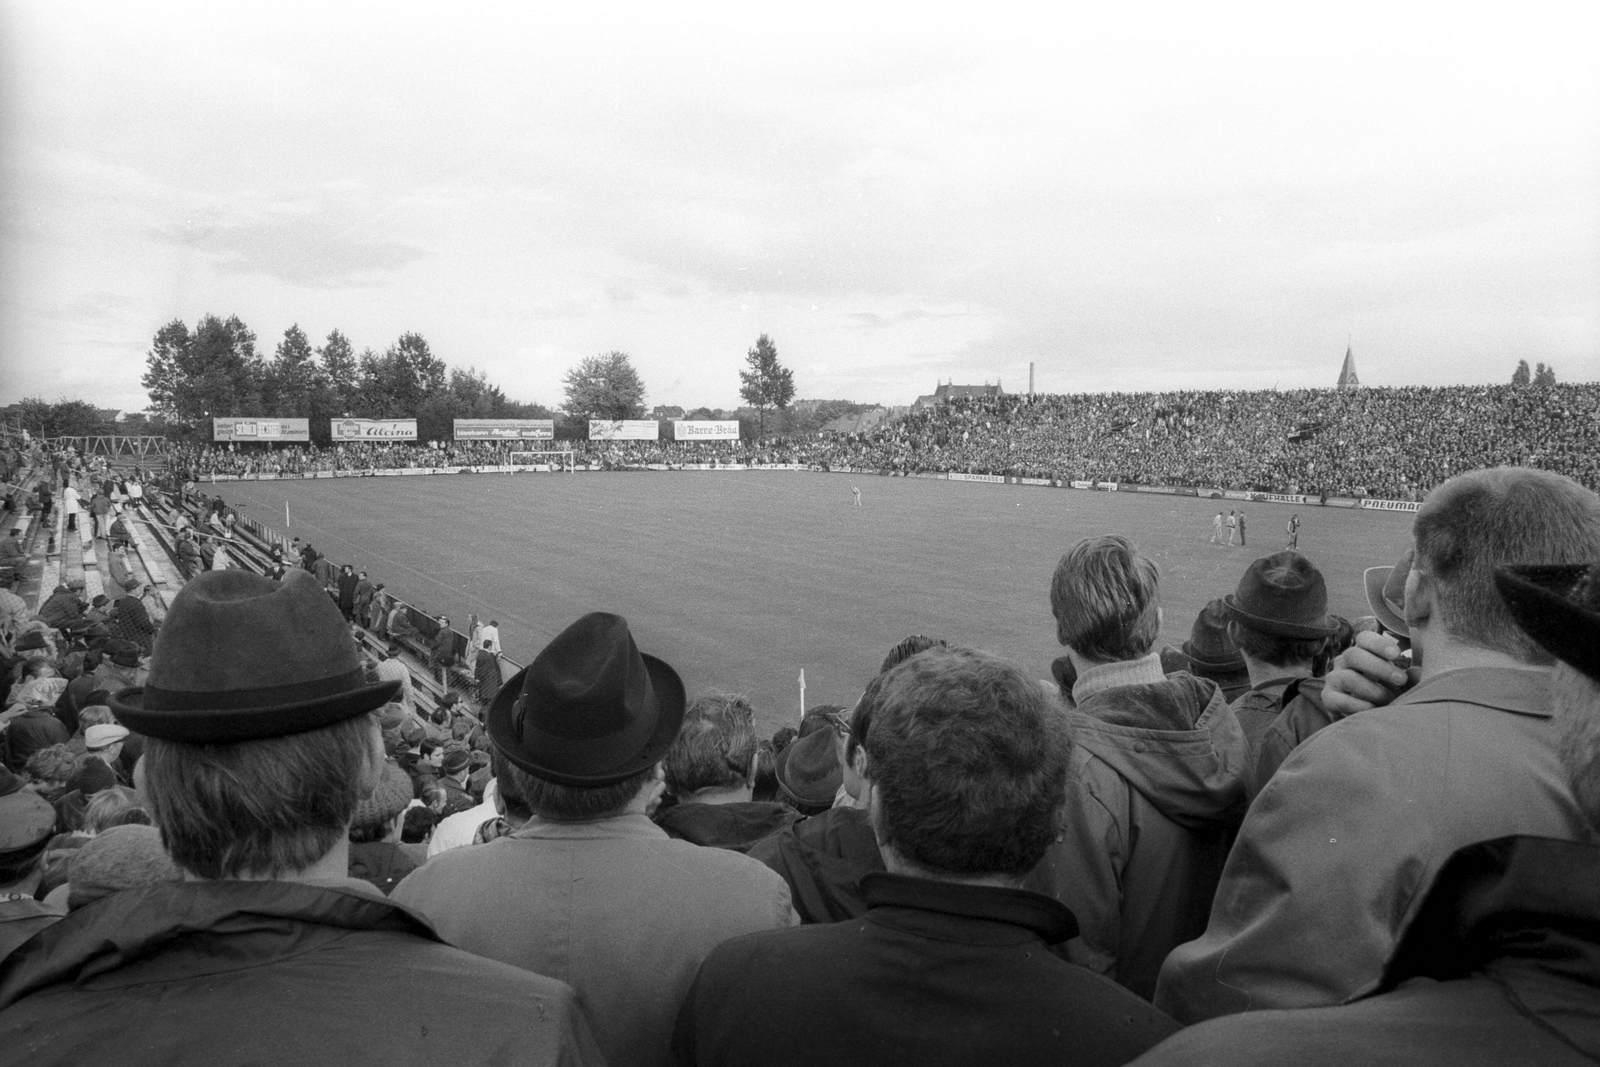 Die Bielefelder Alm am 3. Oktober 1970 beim Spiel der Arminia gegen Bayern München, das mit 1:0 für den DSC endete